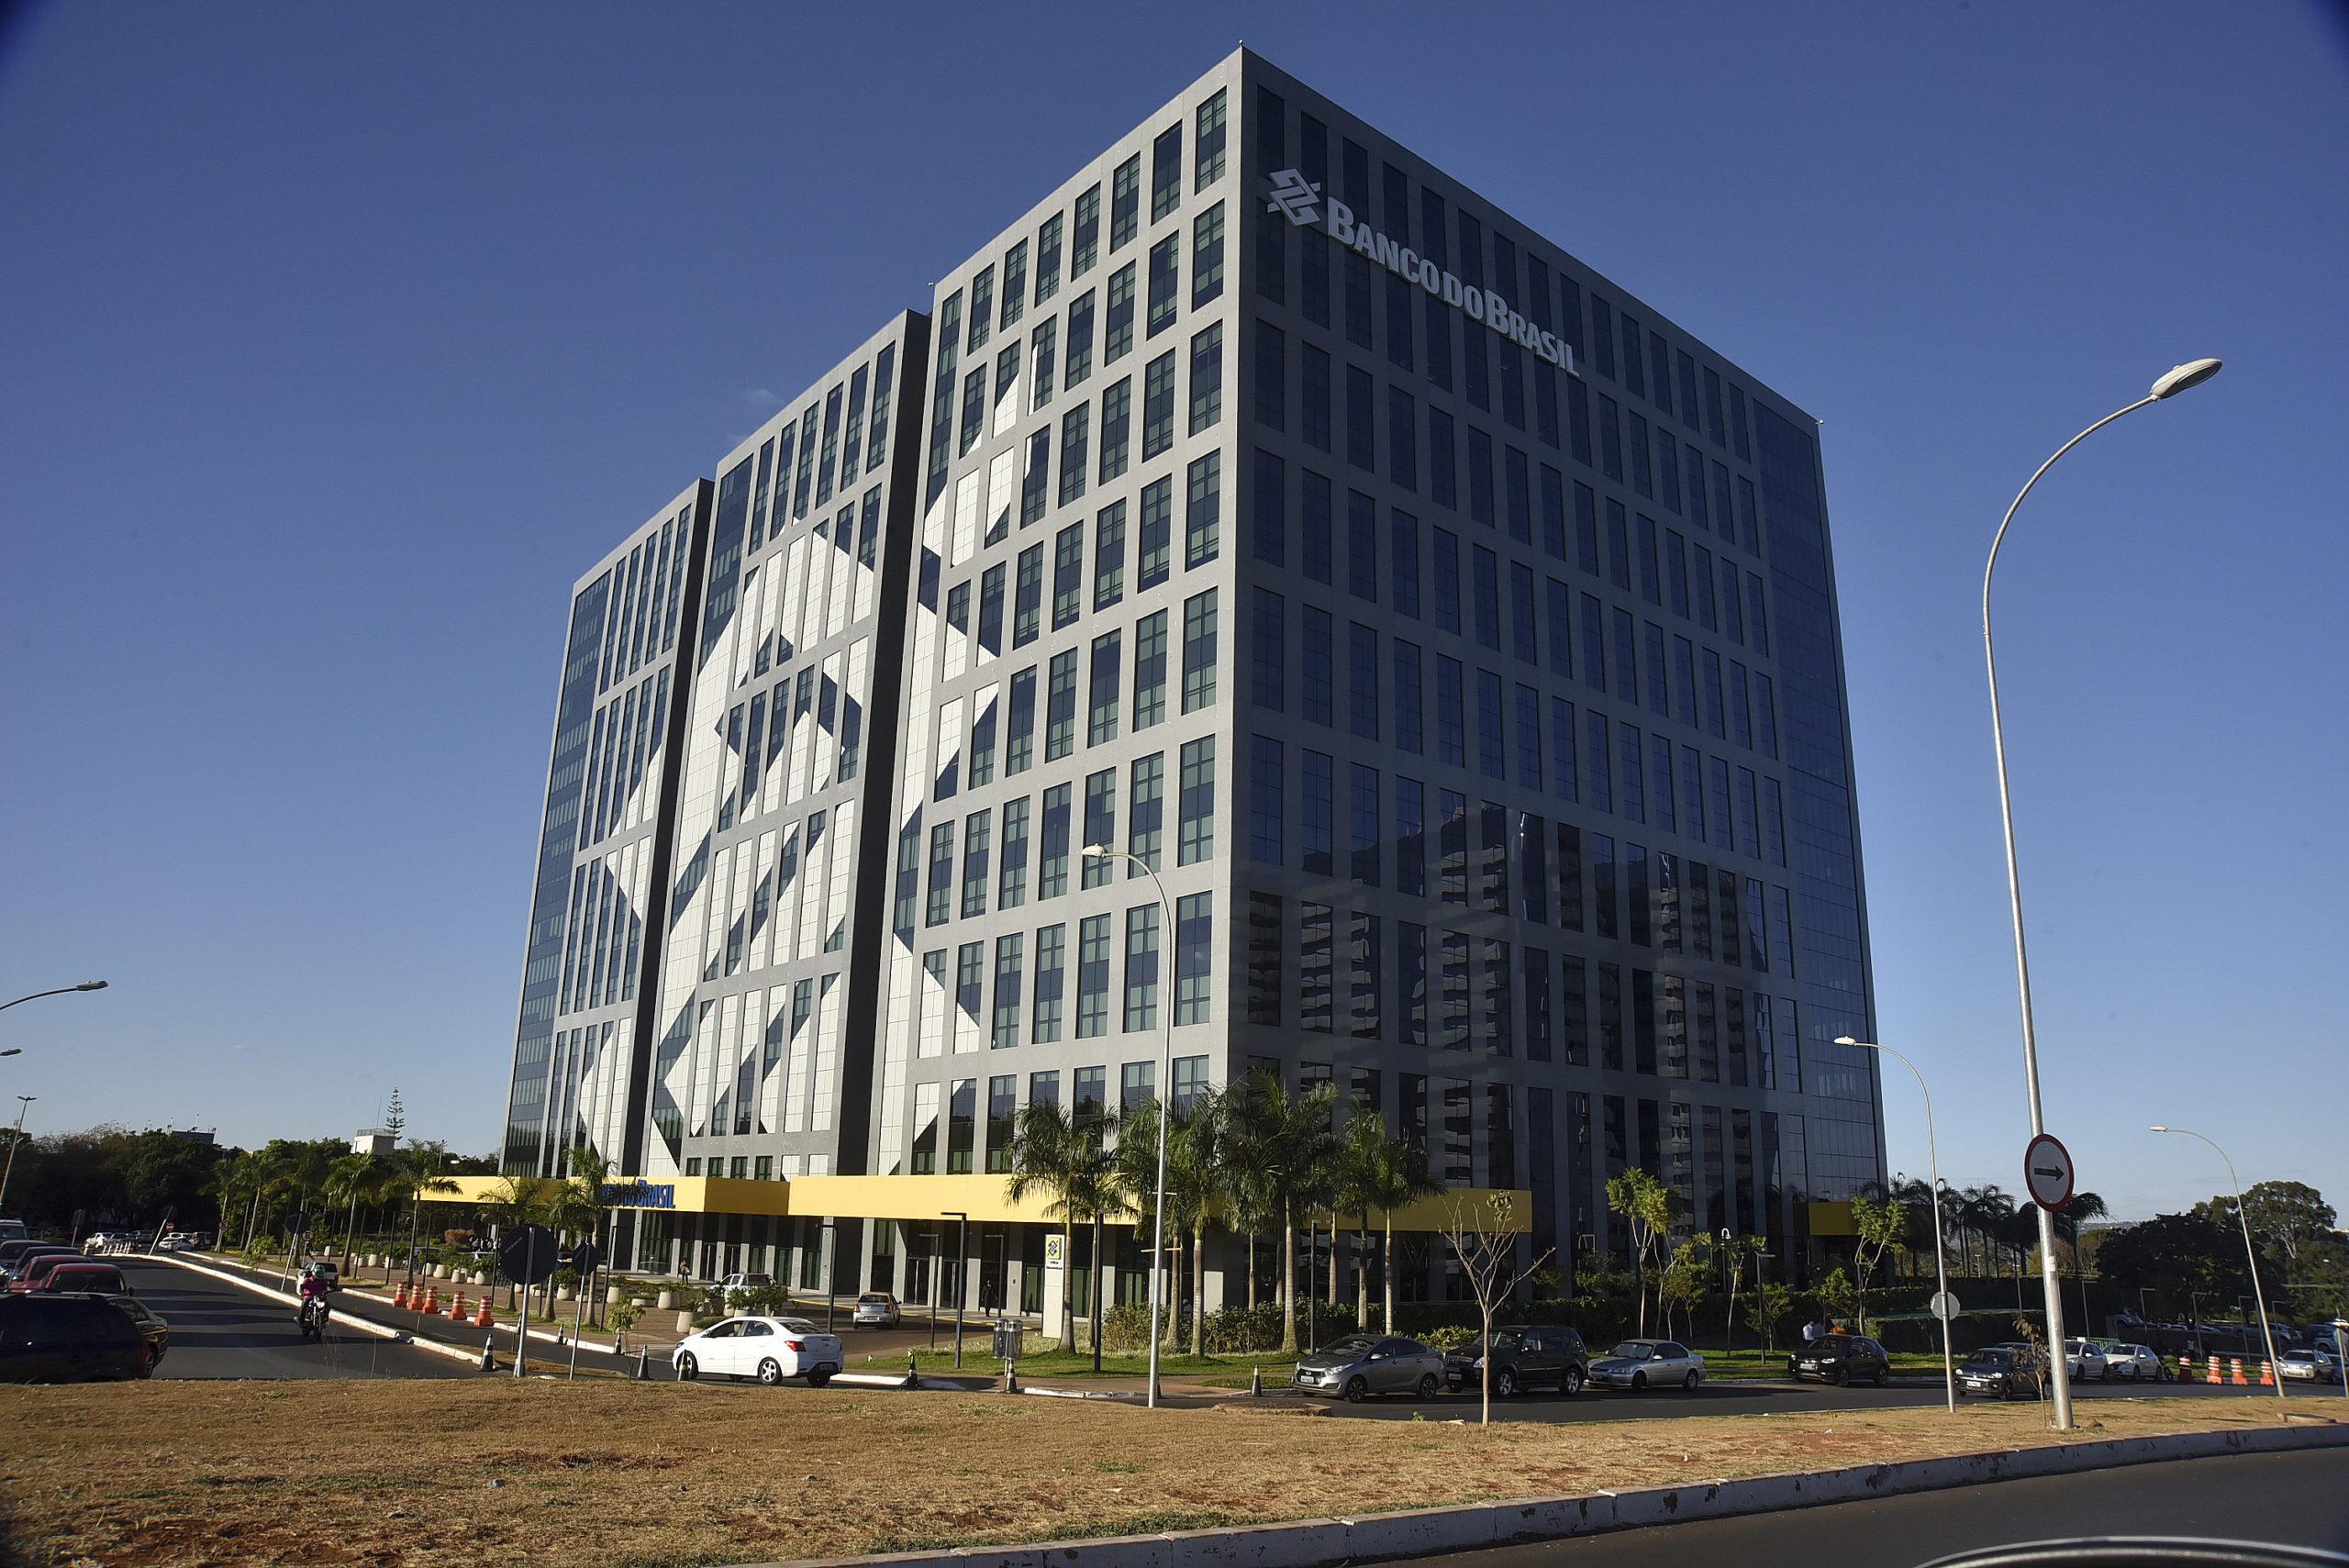 Fachada do edifício sede do Banco do Brasil em Brasília.  Foto: Fernando Bizerra/Agência Senado